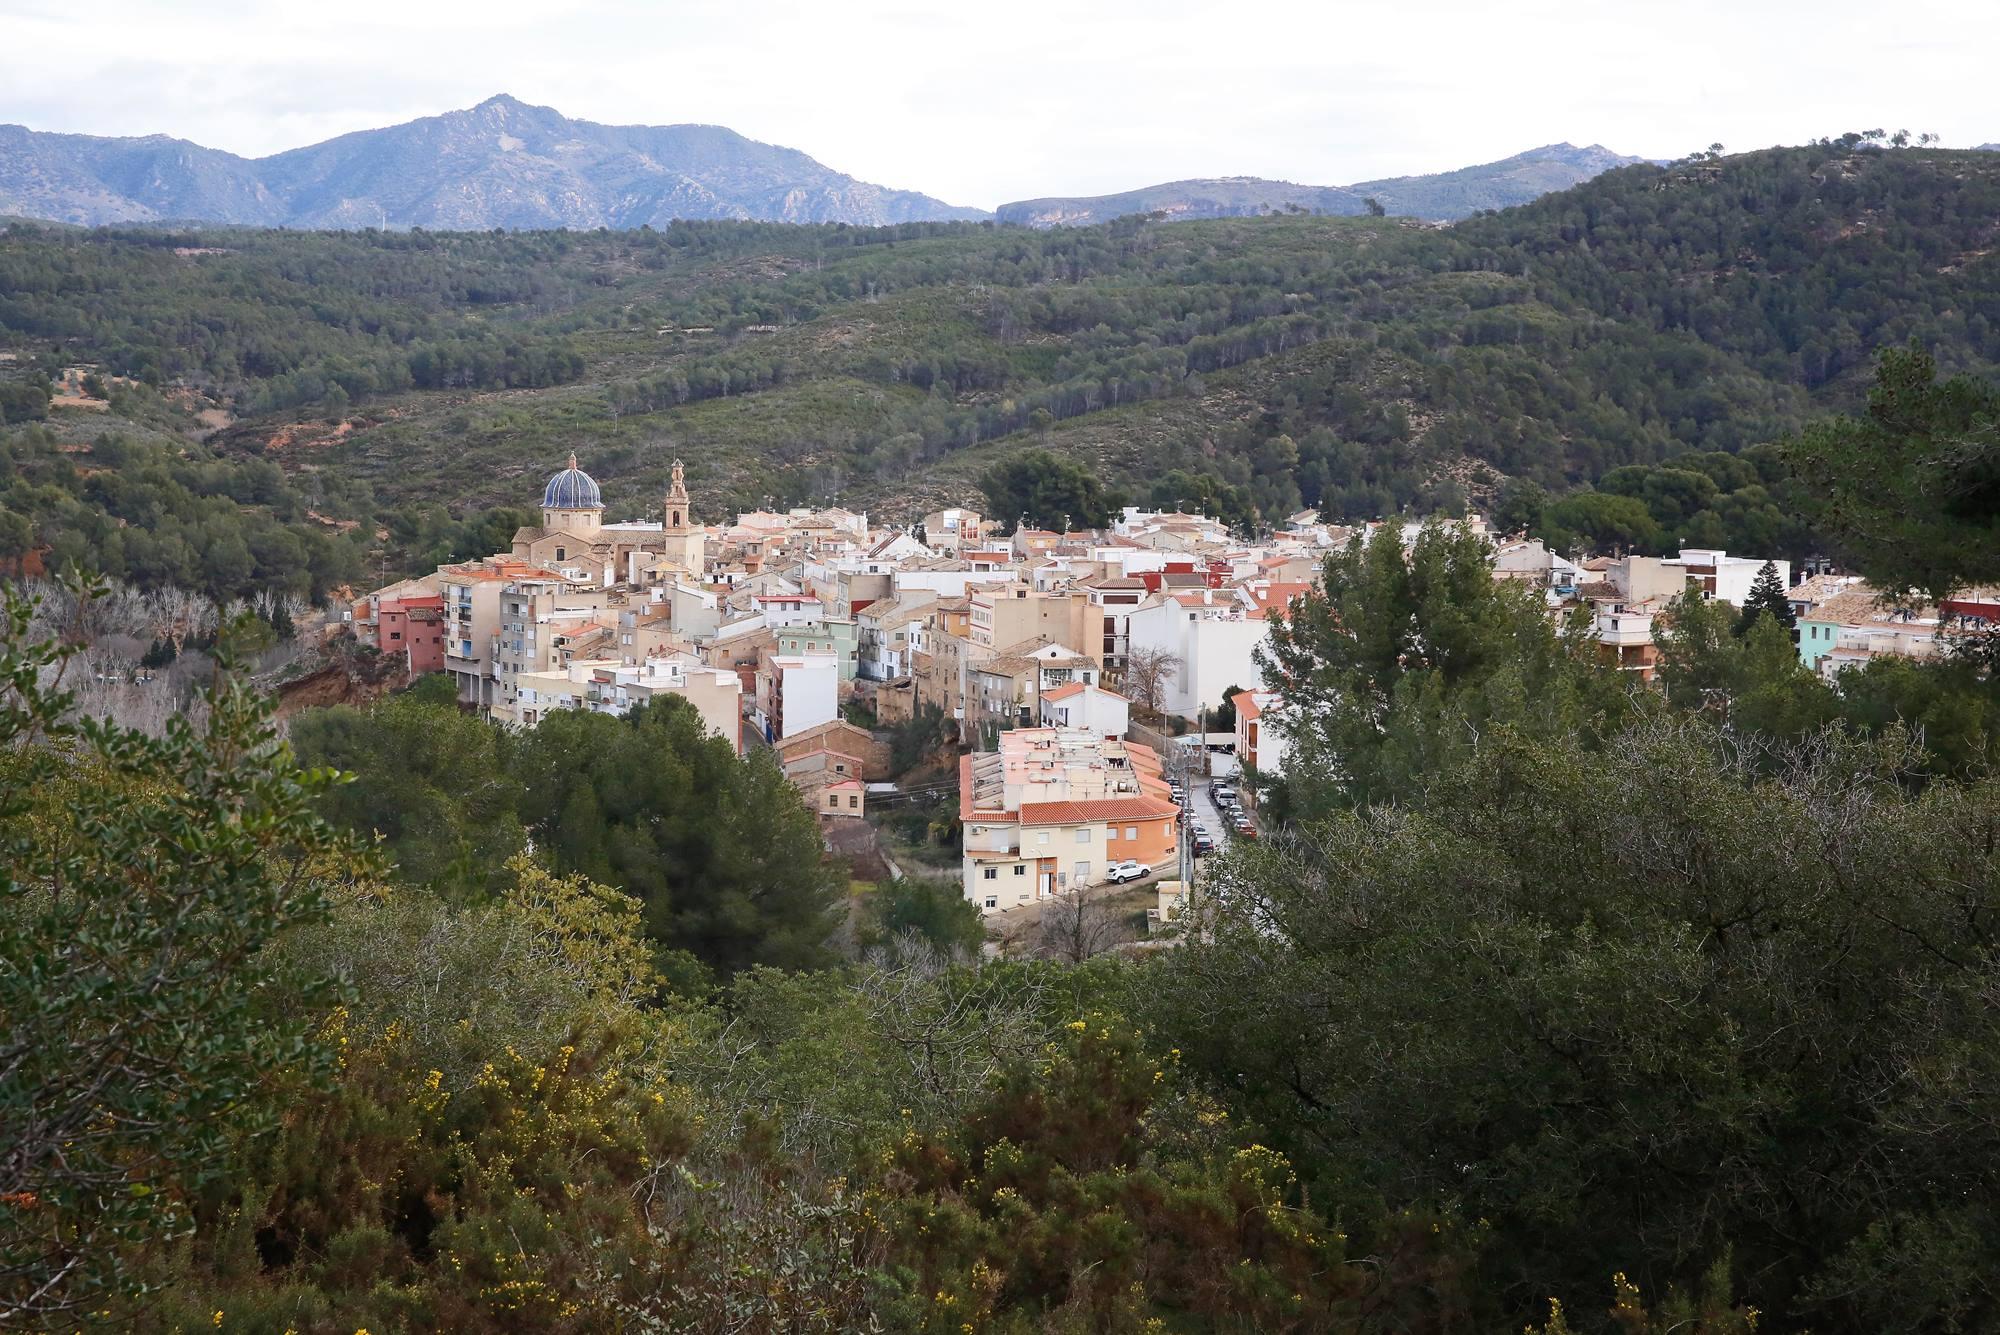 El municipio de Navajas asoma entre el bosque levantino.